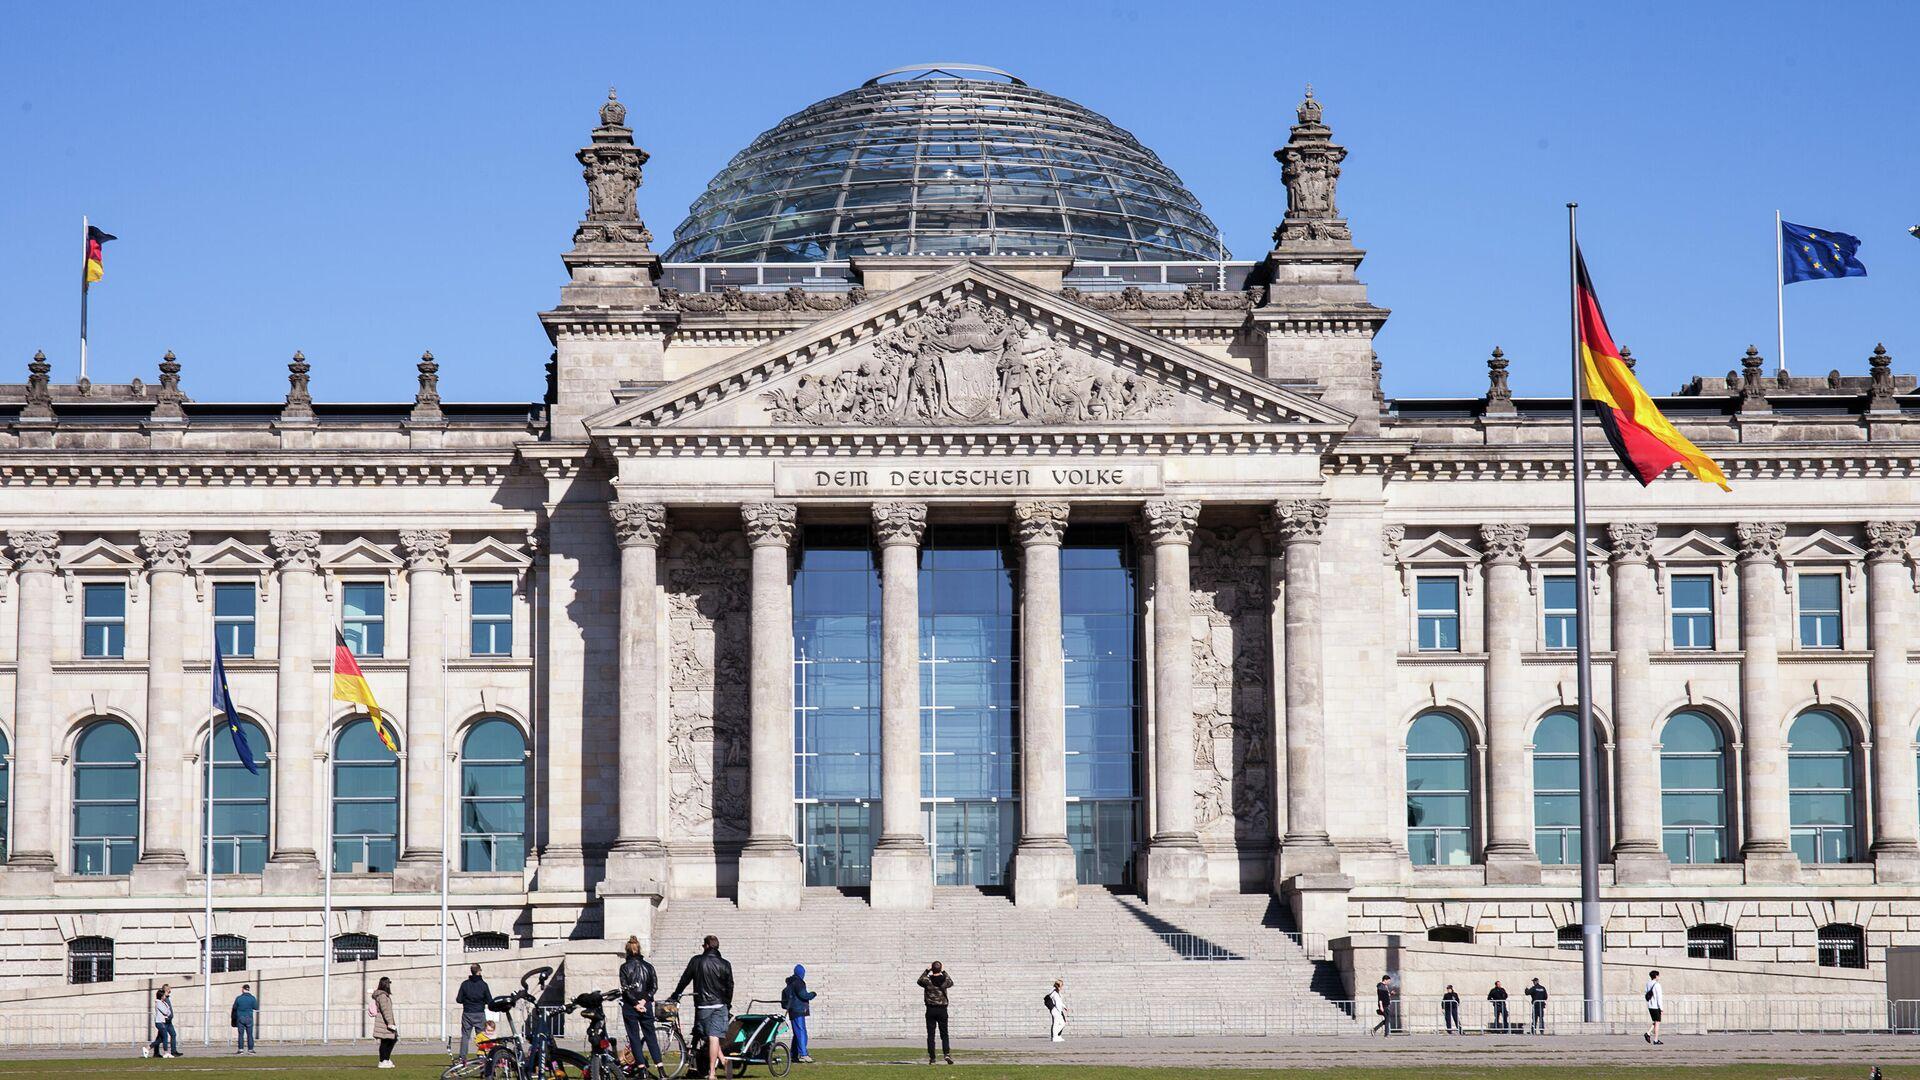 Историческое здание Рейхстага в центре Берлина - РИА Новости, 1920, 15.09.2020